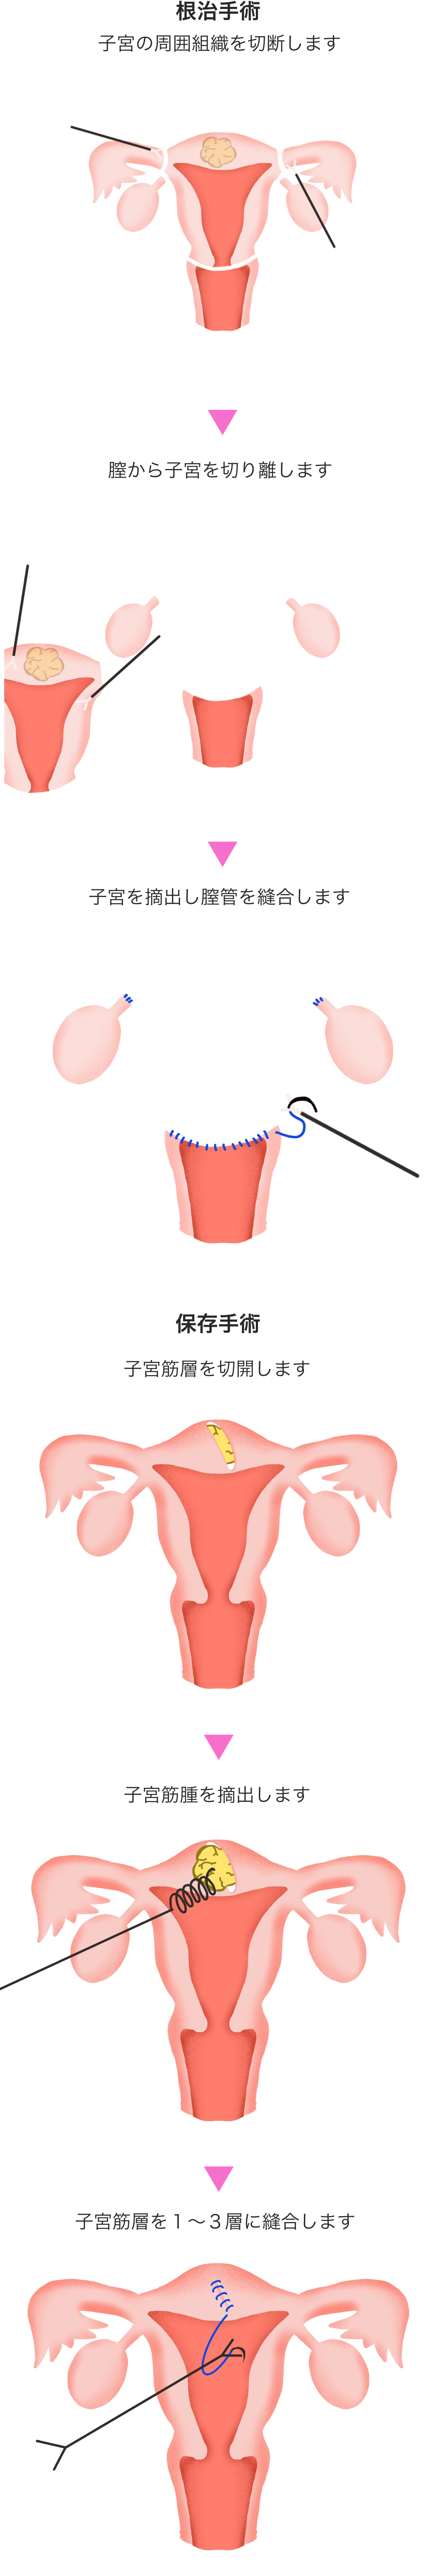 リスク 手術 子宮 筋腫